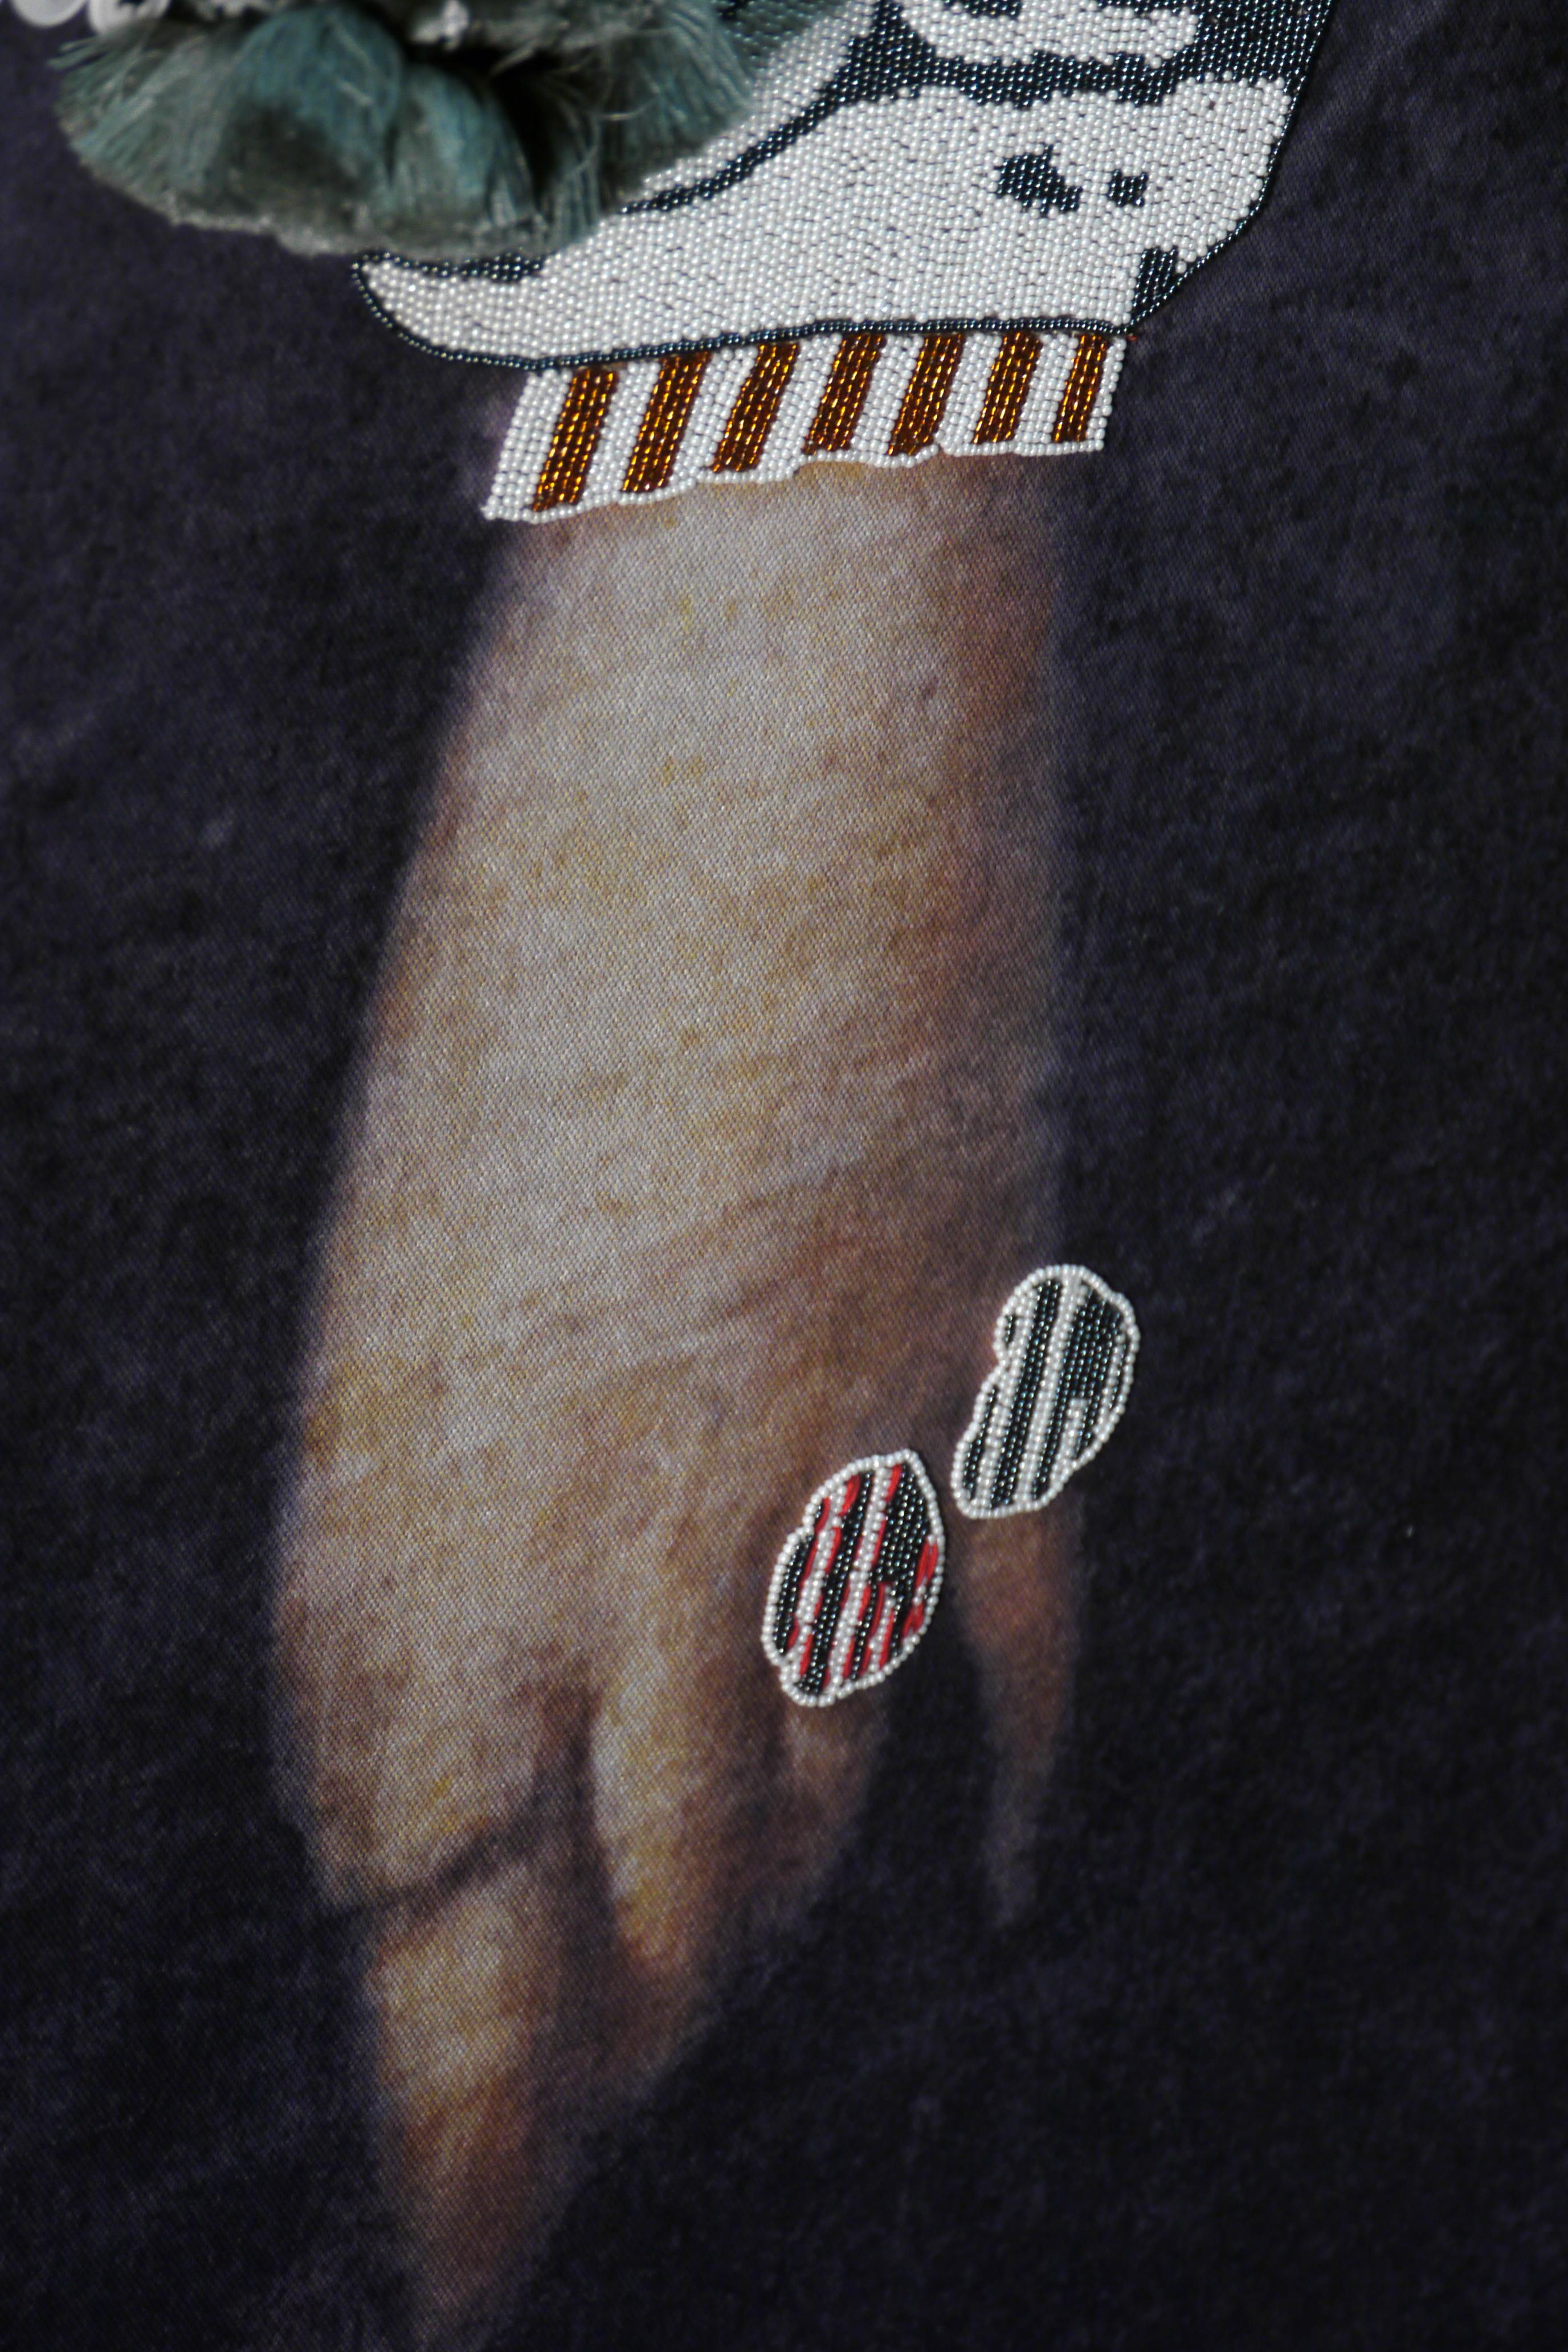 Souvenir hispanique, Aurélie Mathigot Photographie, broderie 62 x 45 cm © Aurélie Mathigot Courtesy Maison Parisienne